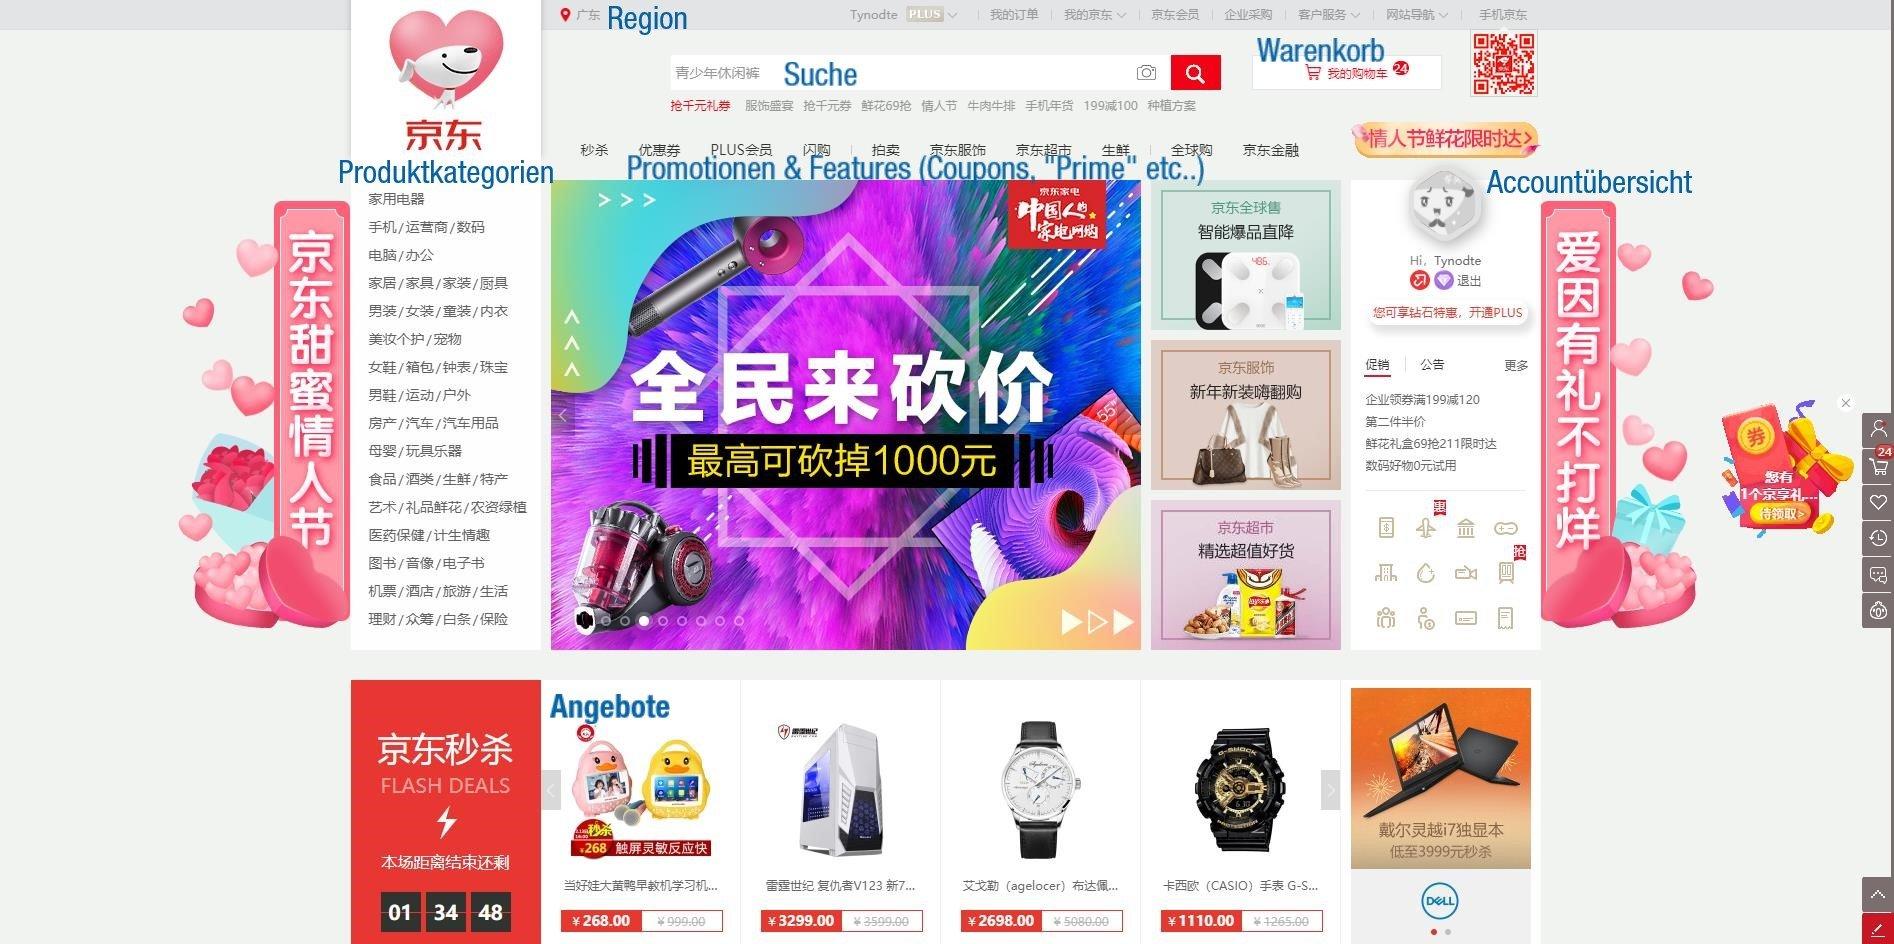 jd.com shop startseite